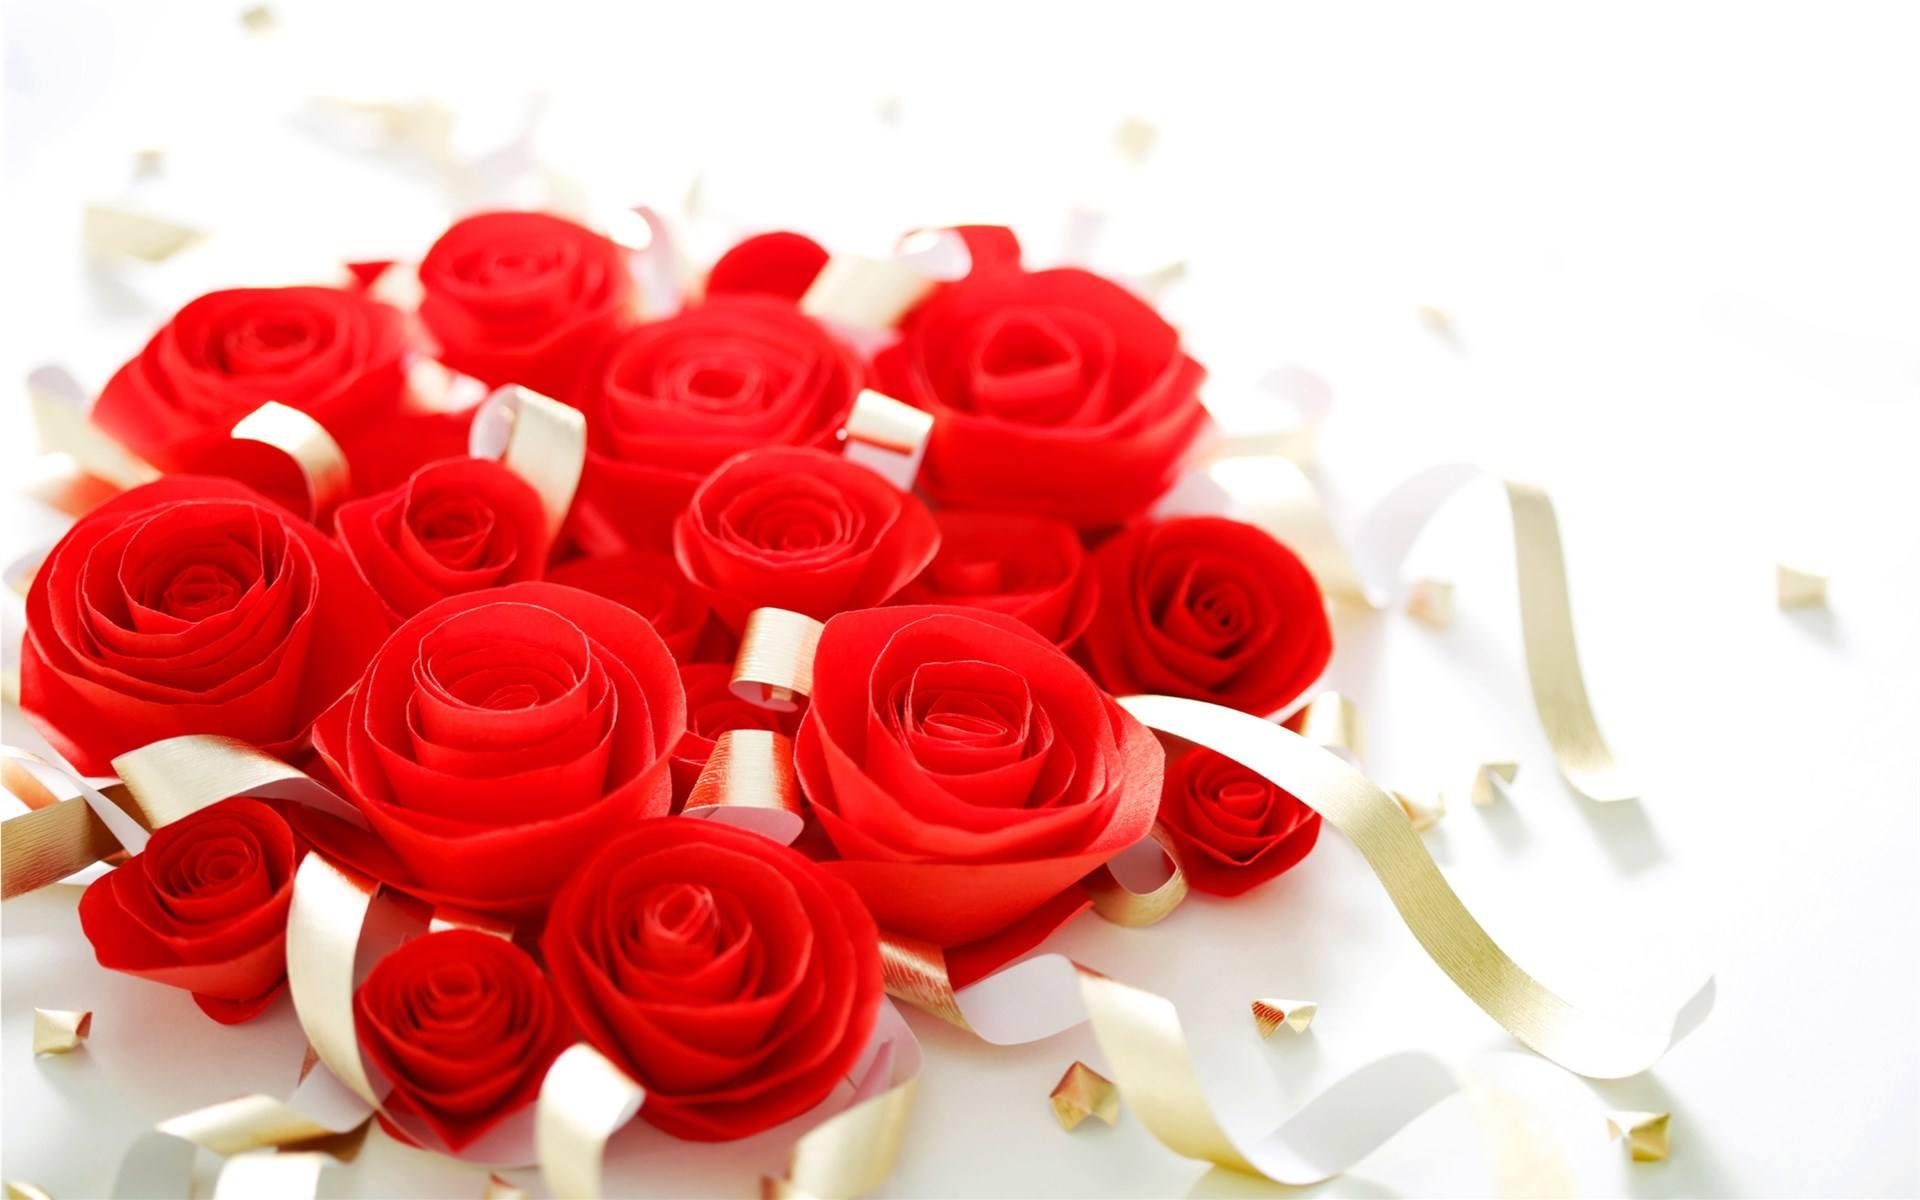 鲜花和巧克力代表的含义,有哪些是你不知道的秘密?抓娃娃的技巧